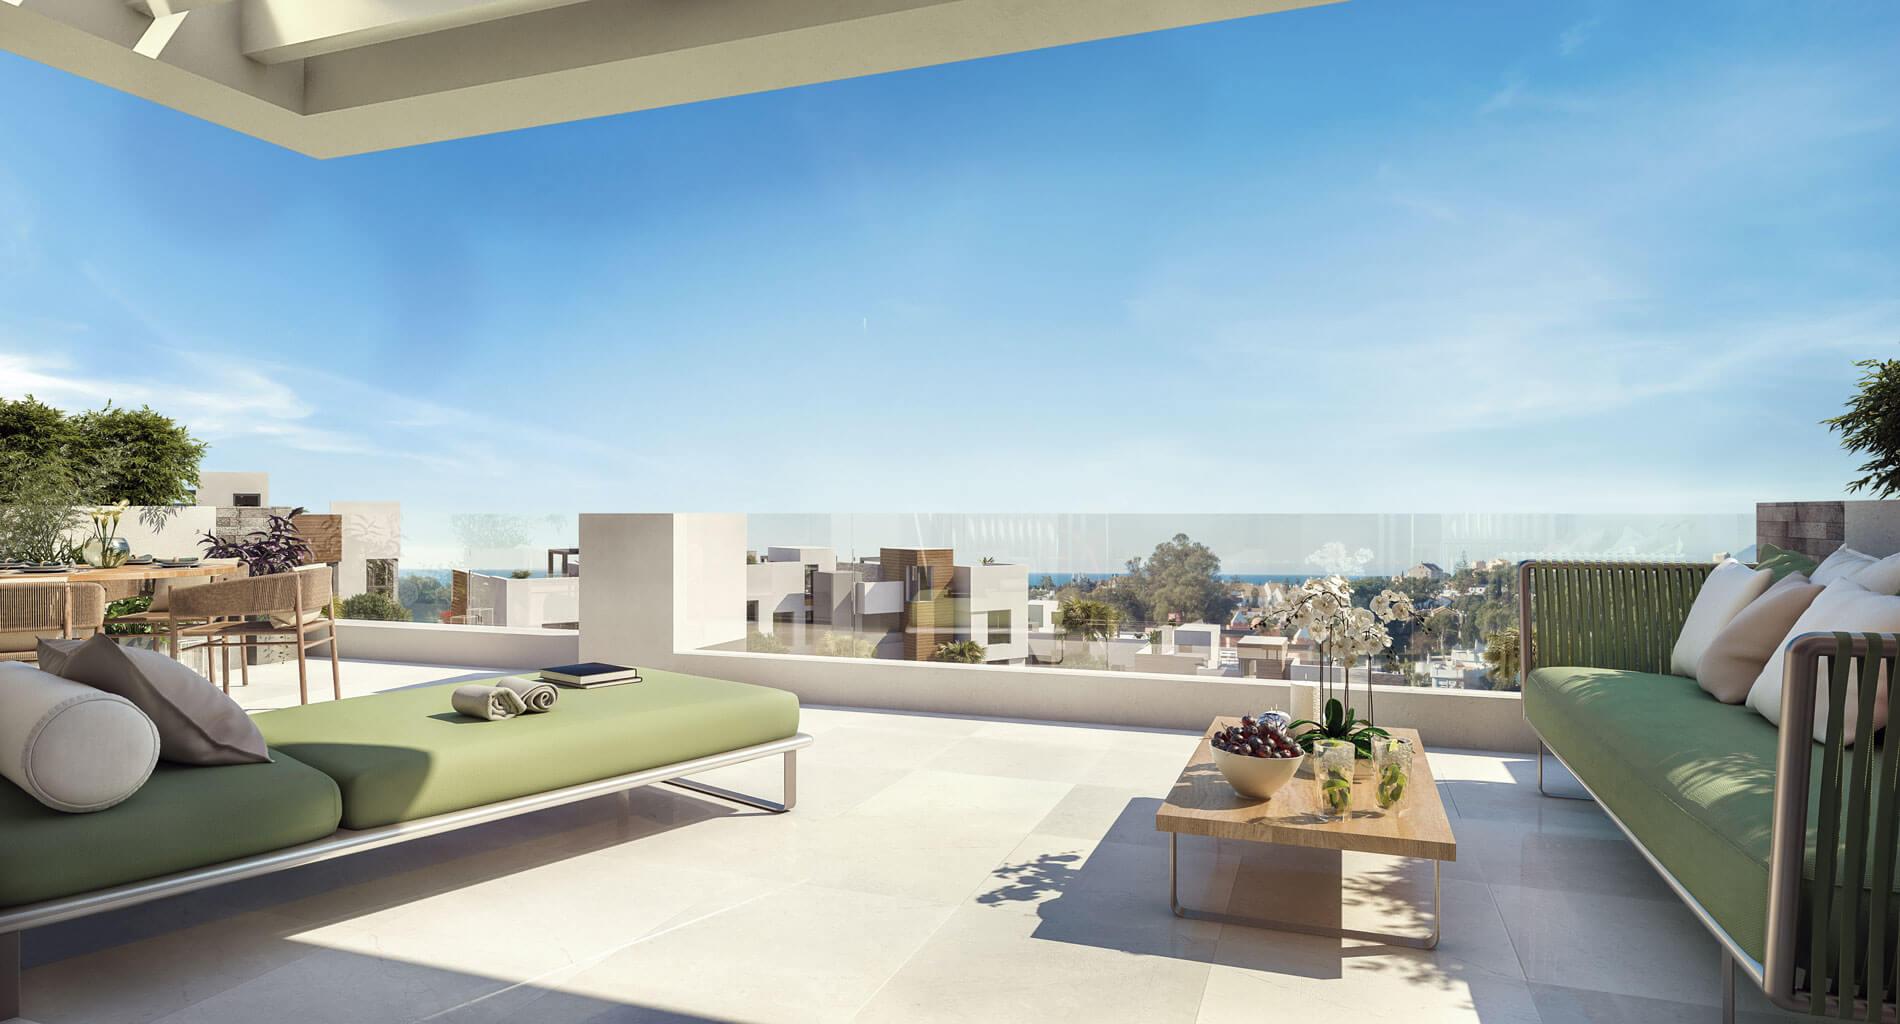 artola homes cabopino costa del sol eerstelijns golf appartement penthouse te koop nieuwbouw zee zicht